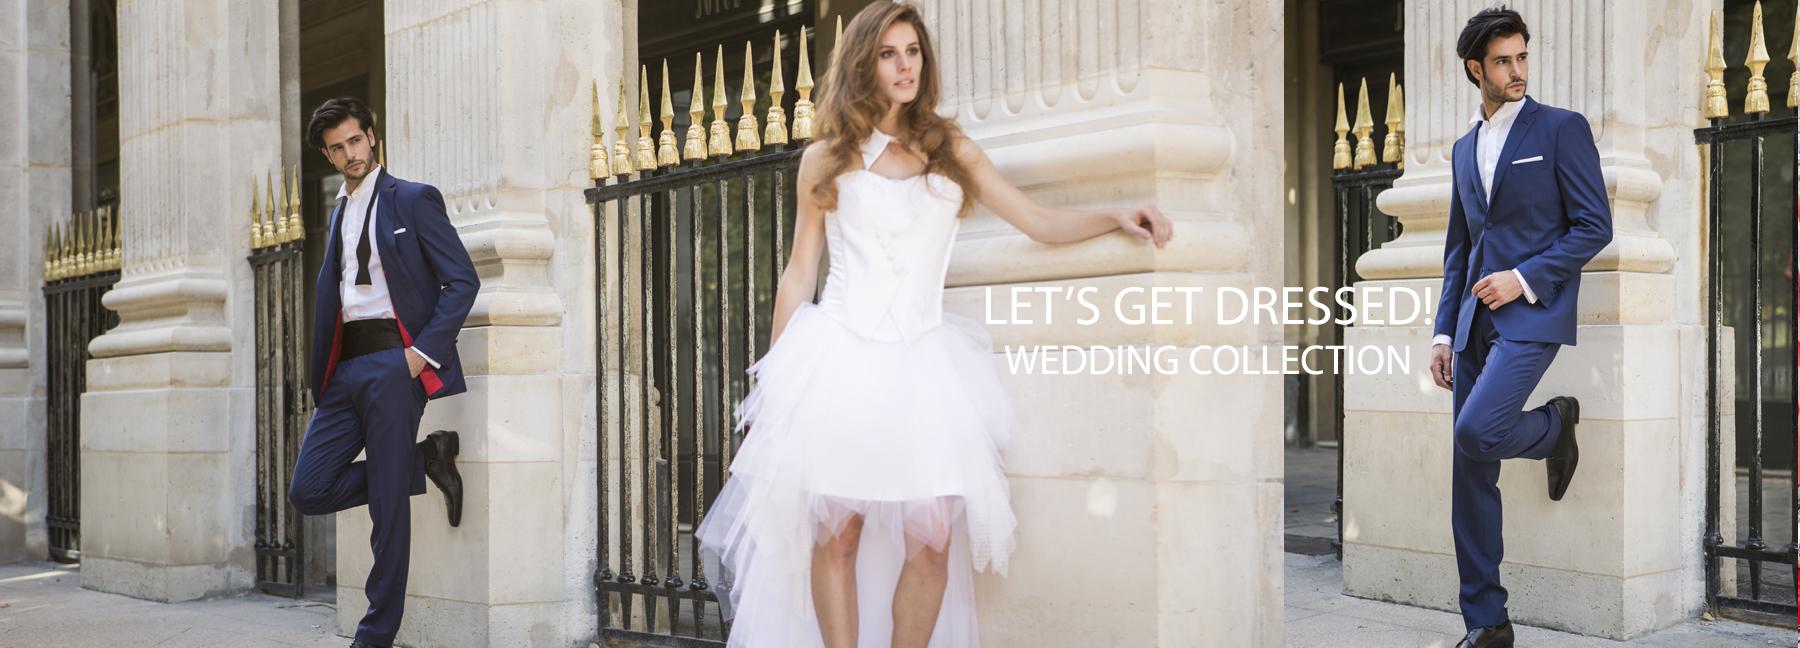 Costume sur mesure collection Mariage et ceremonie 2015